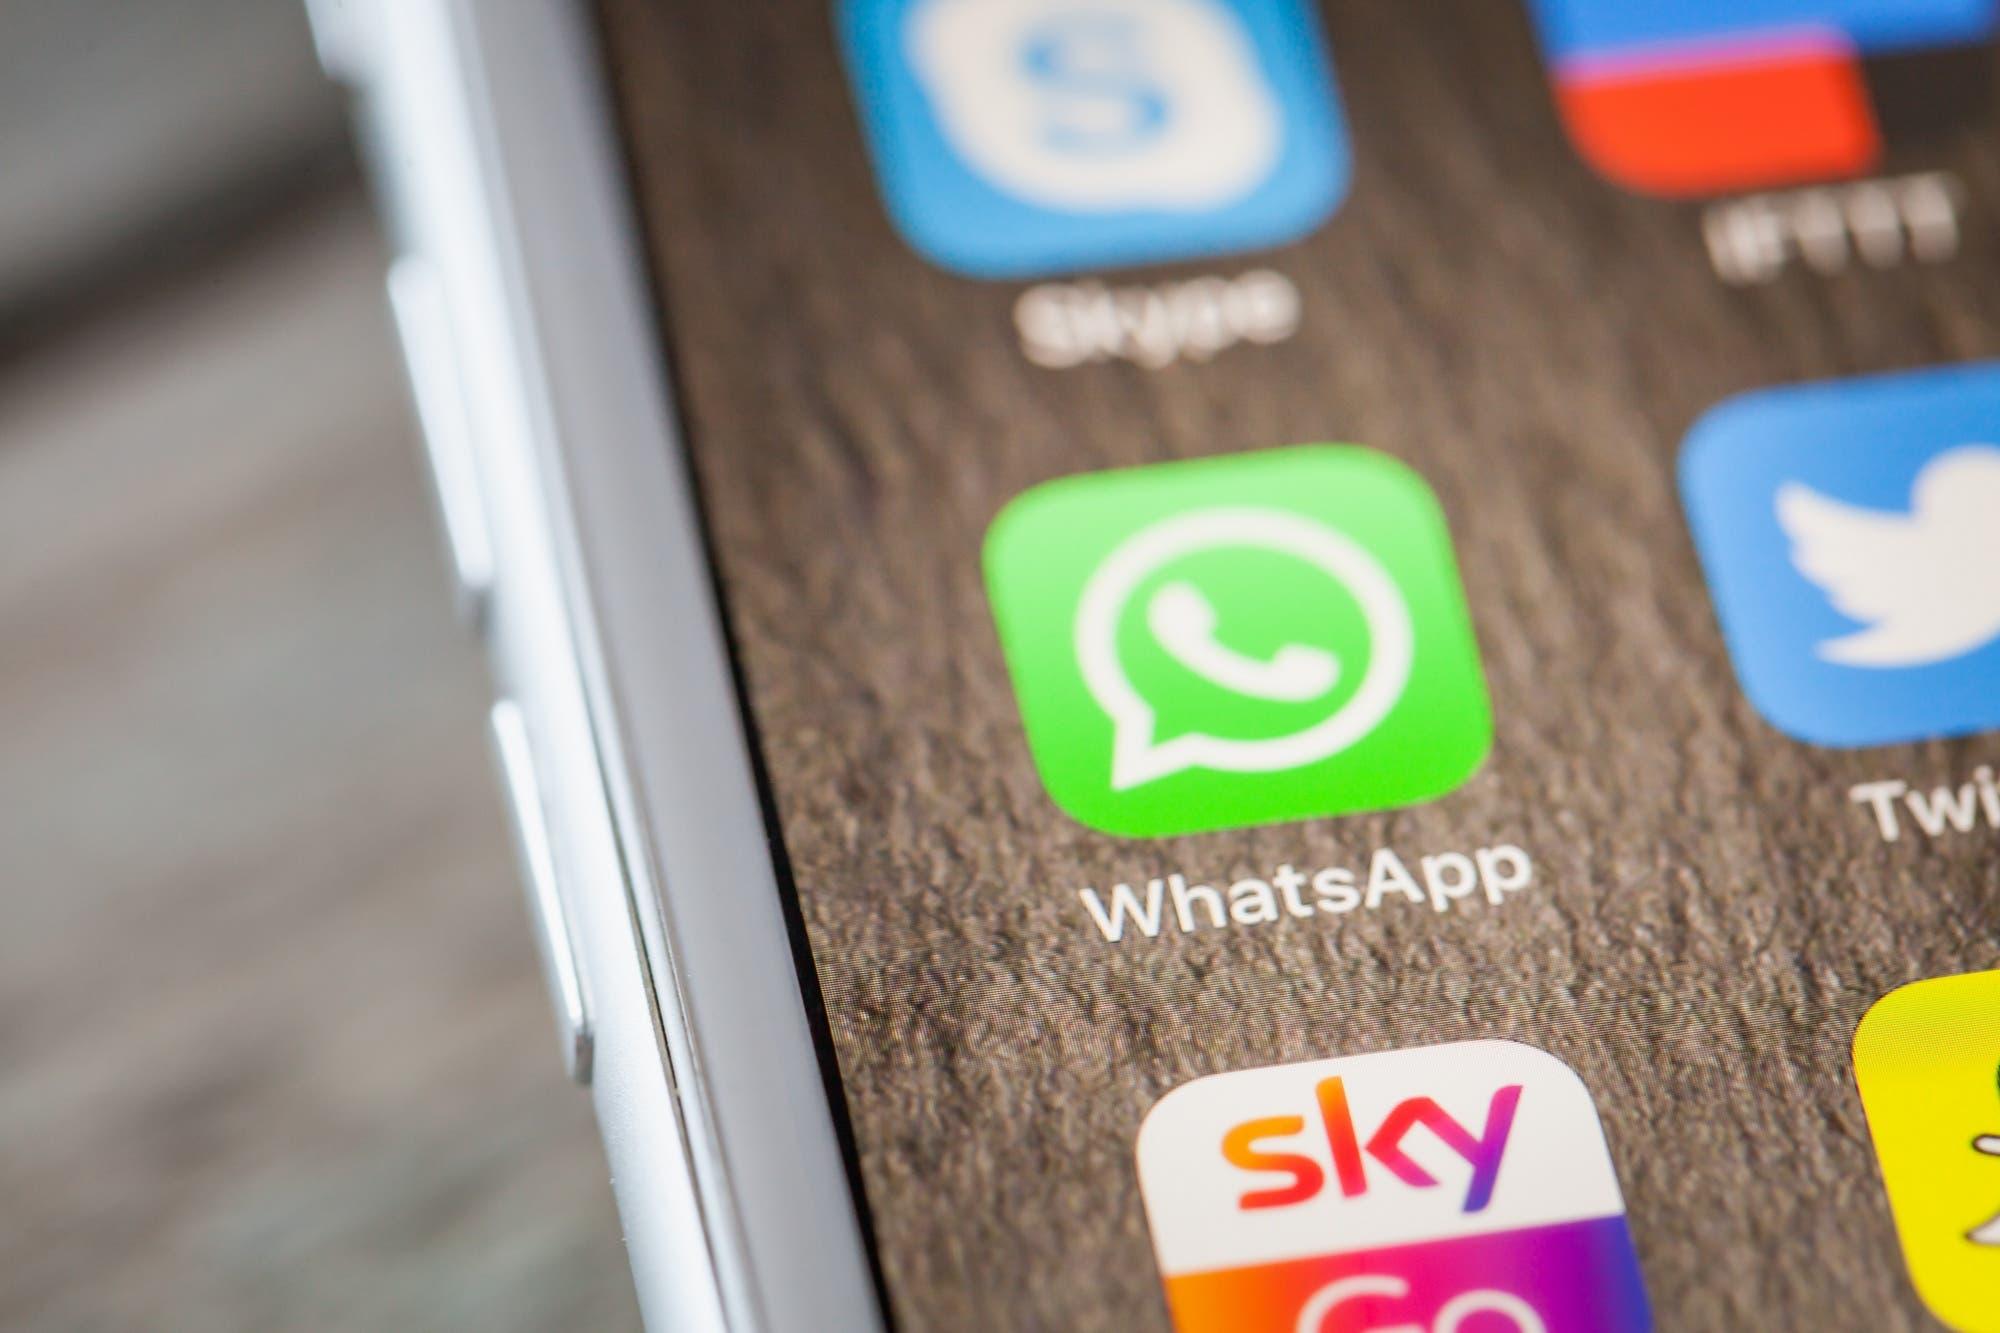 Whatsapp permitirá borrar mensajes en forma automática después de cierto tiempo